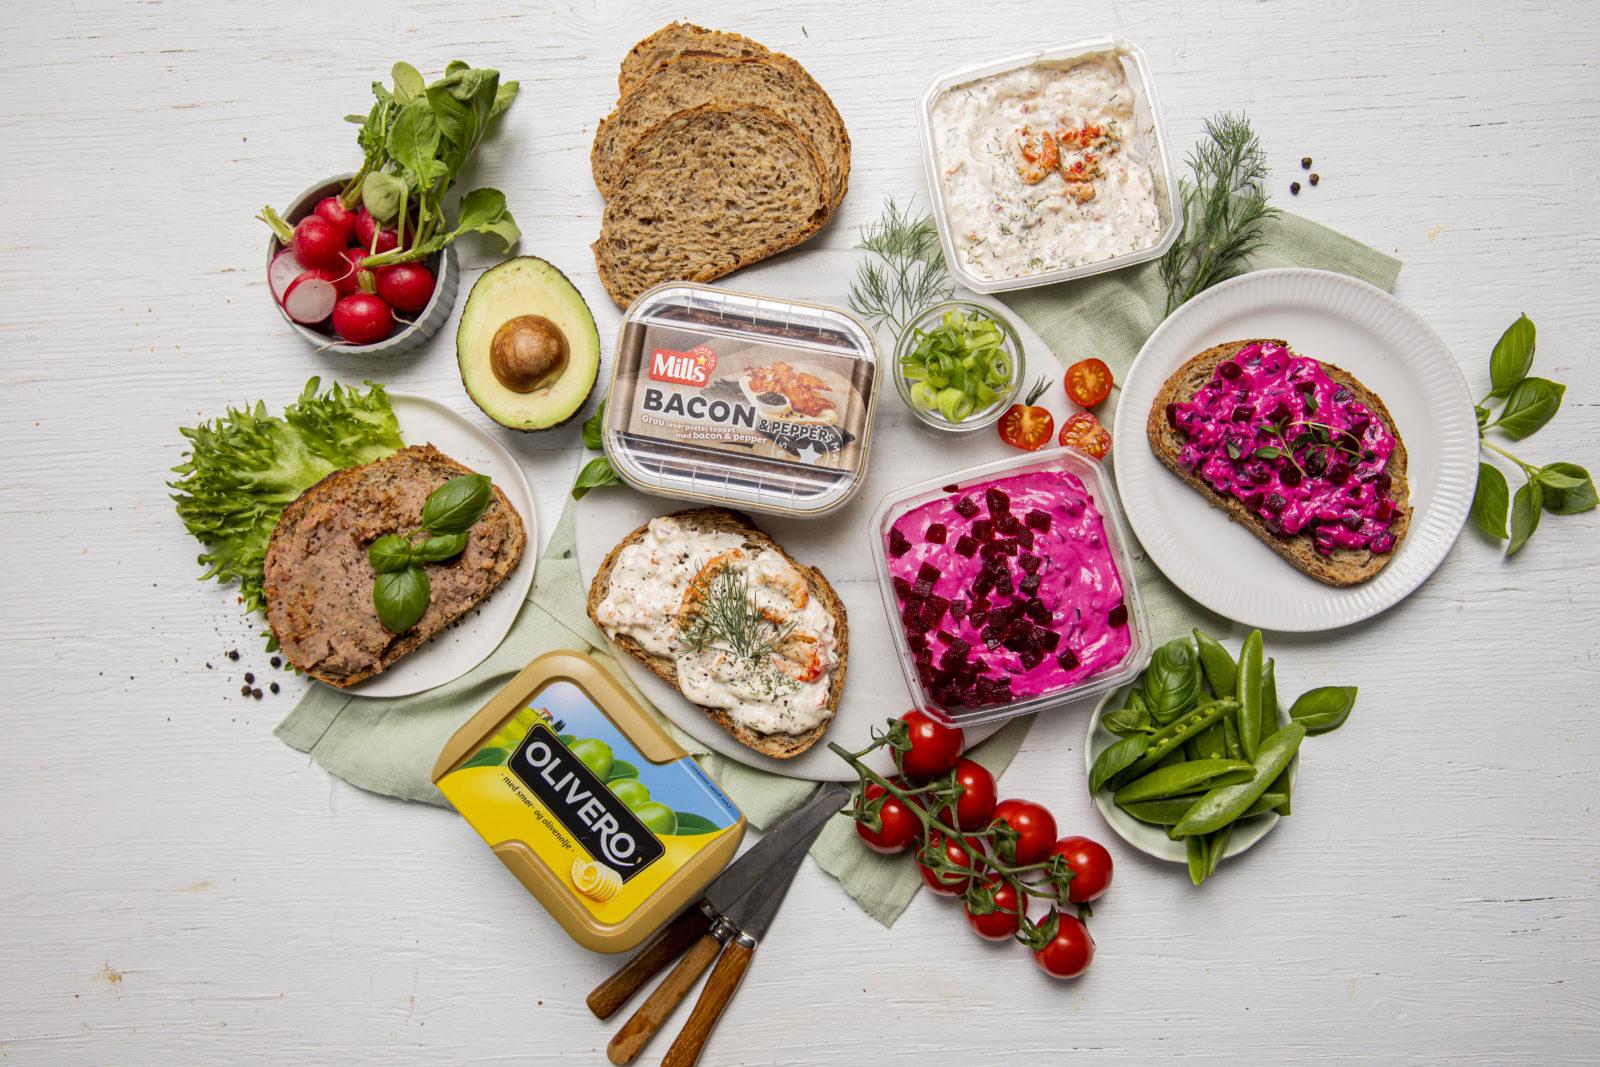 Lunsjbord med blant annet Olivero, leverpostei og rødbetsalat